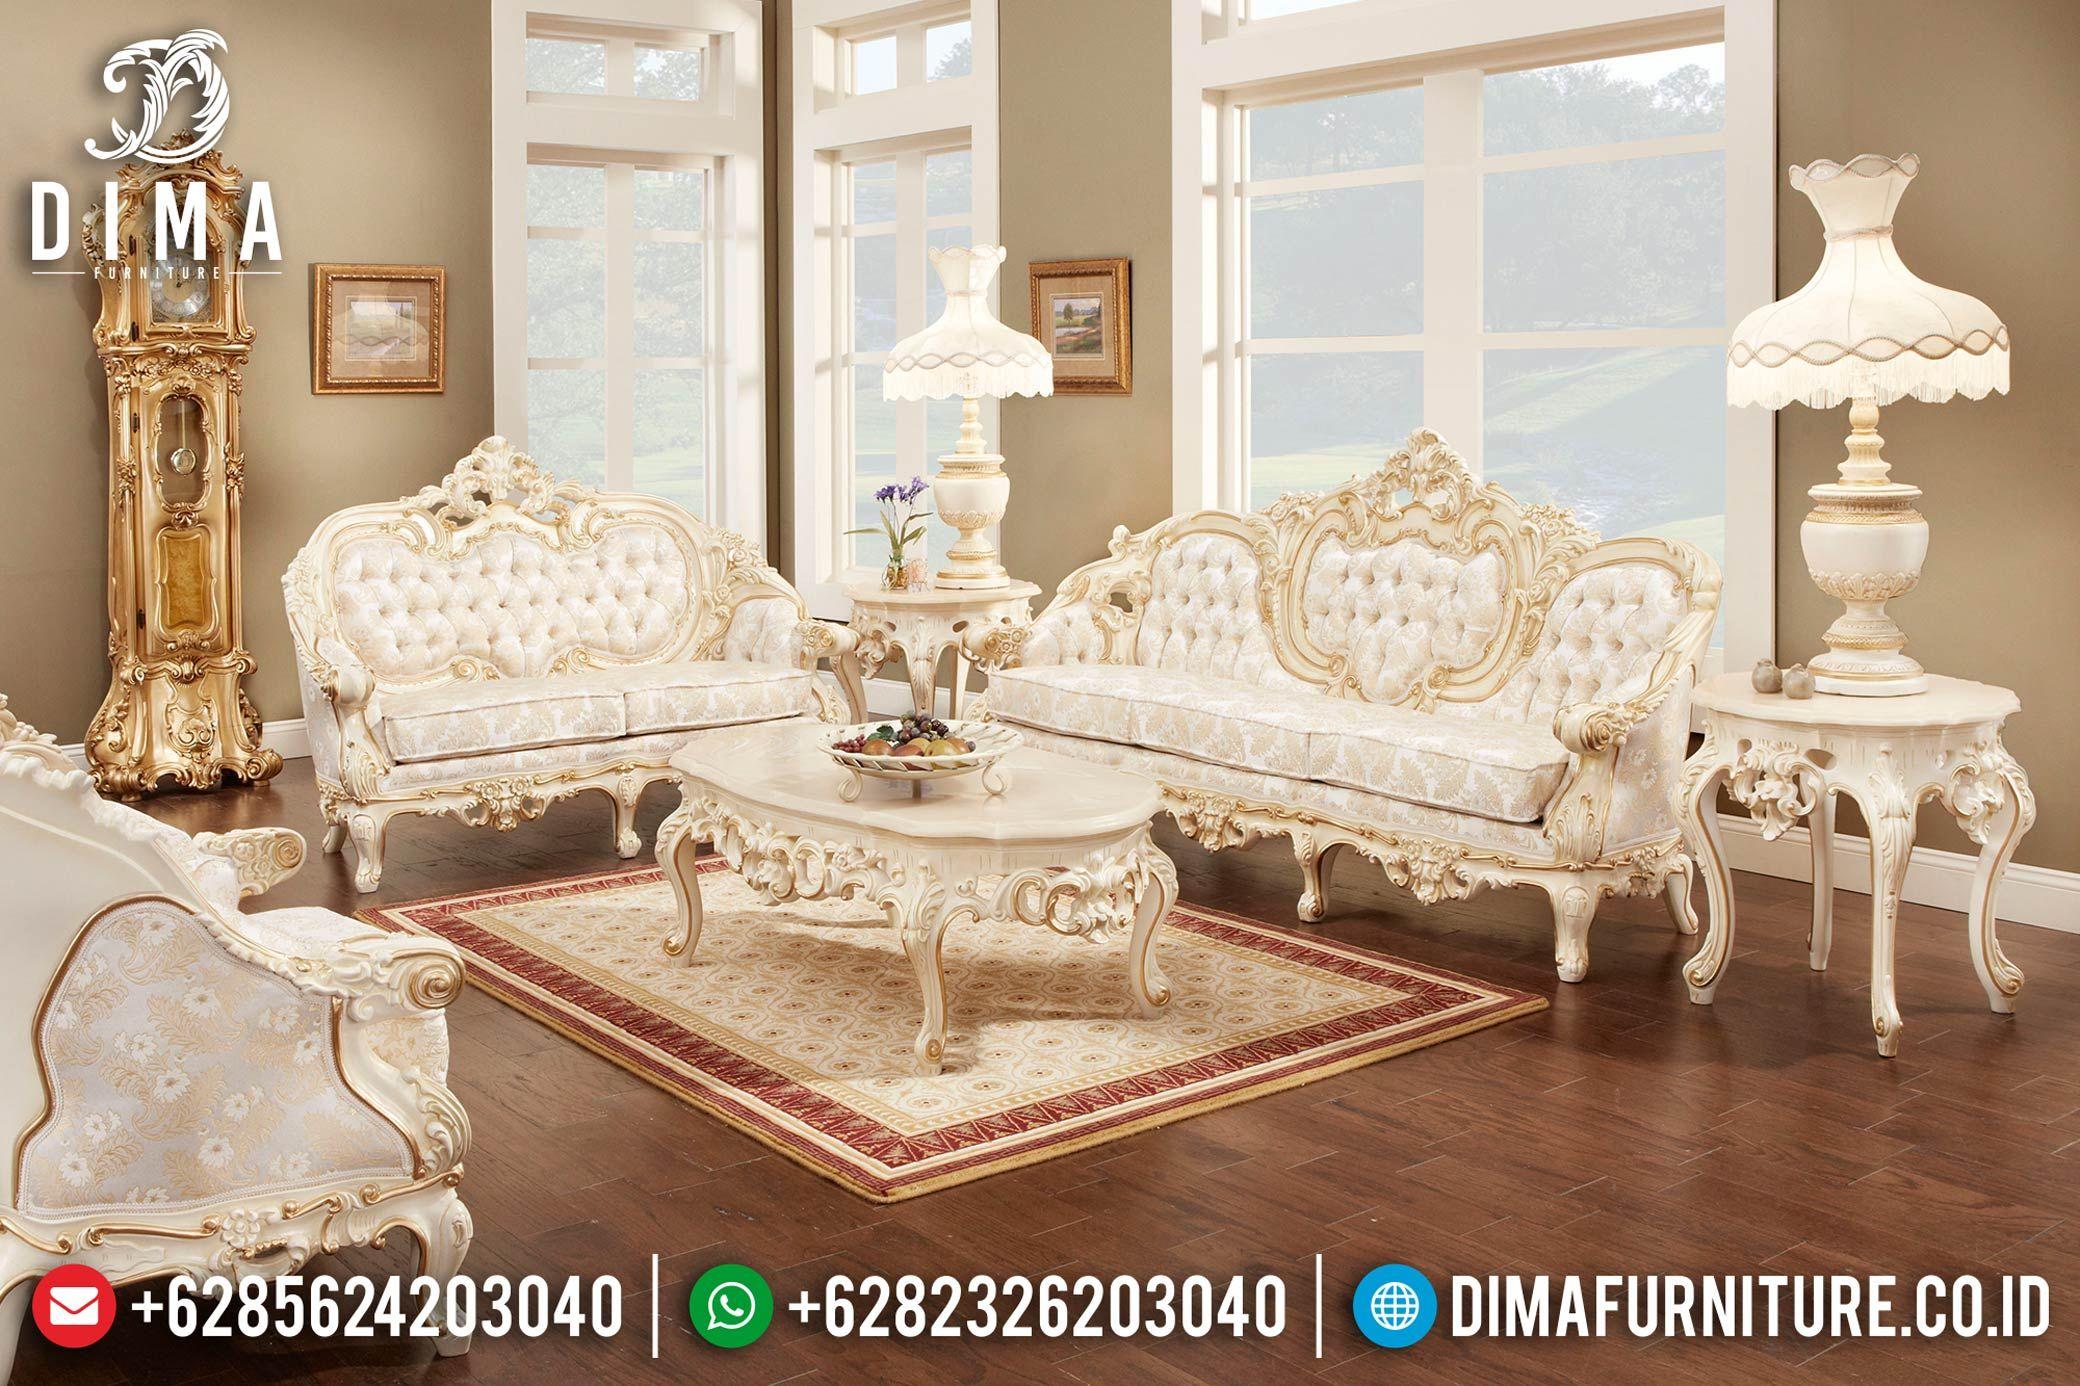 Jual Mebel Jepara Kursi Sofa Tamu Mewah Klasik Terbaru Tupelo Mm 0133 Mebel Klasik Furniture